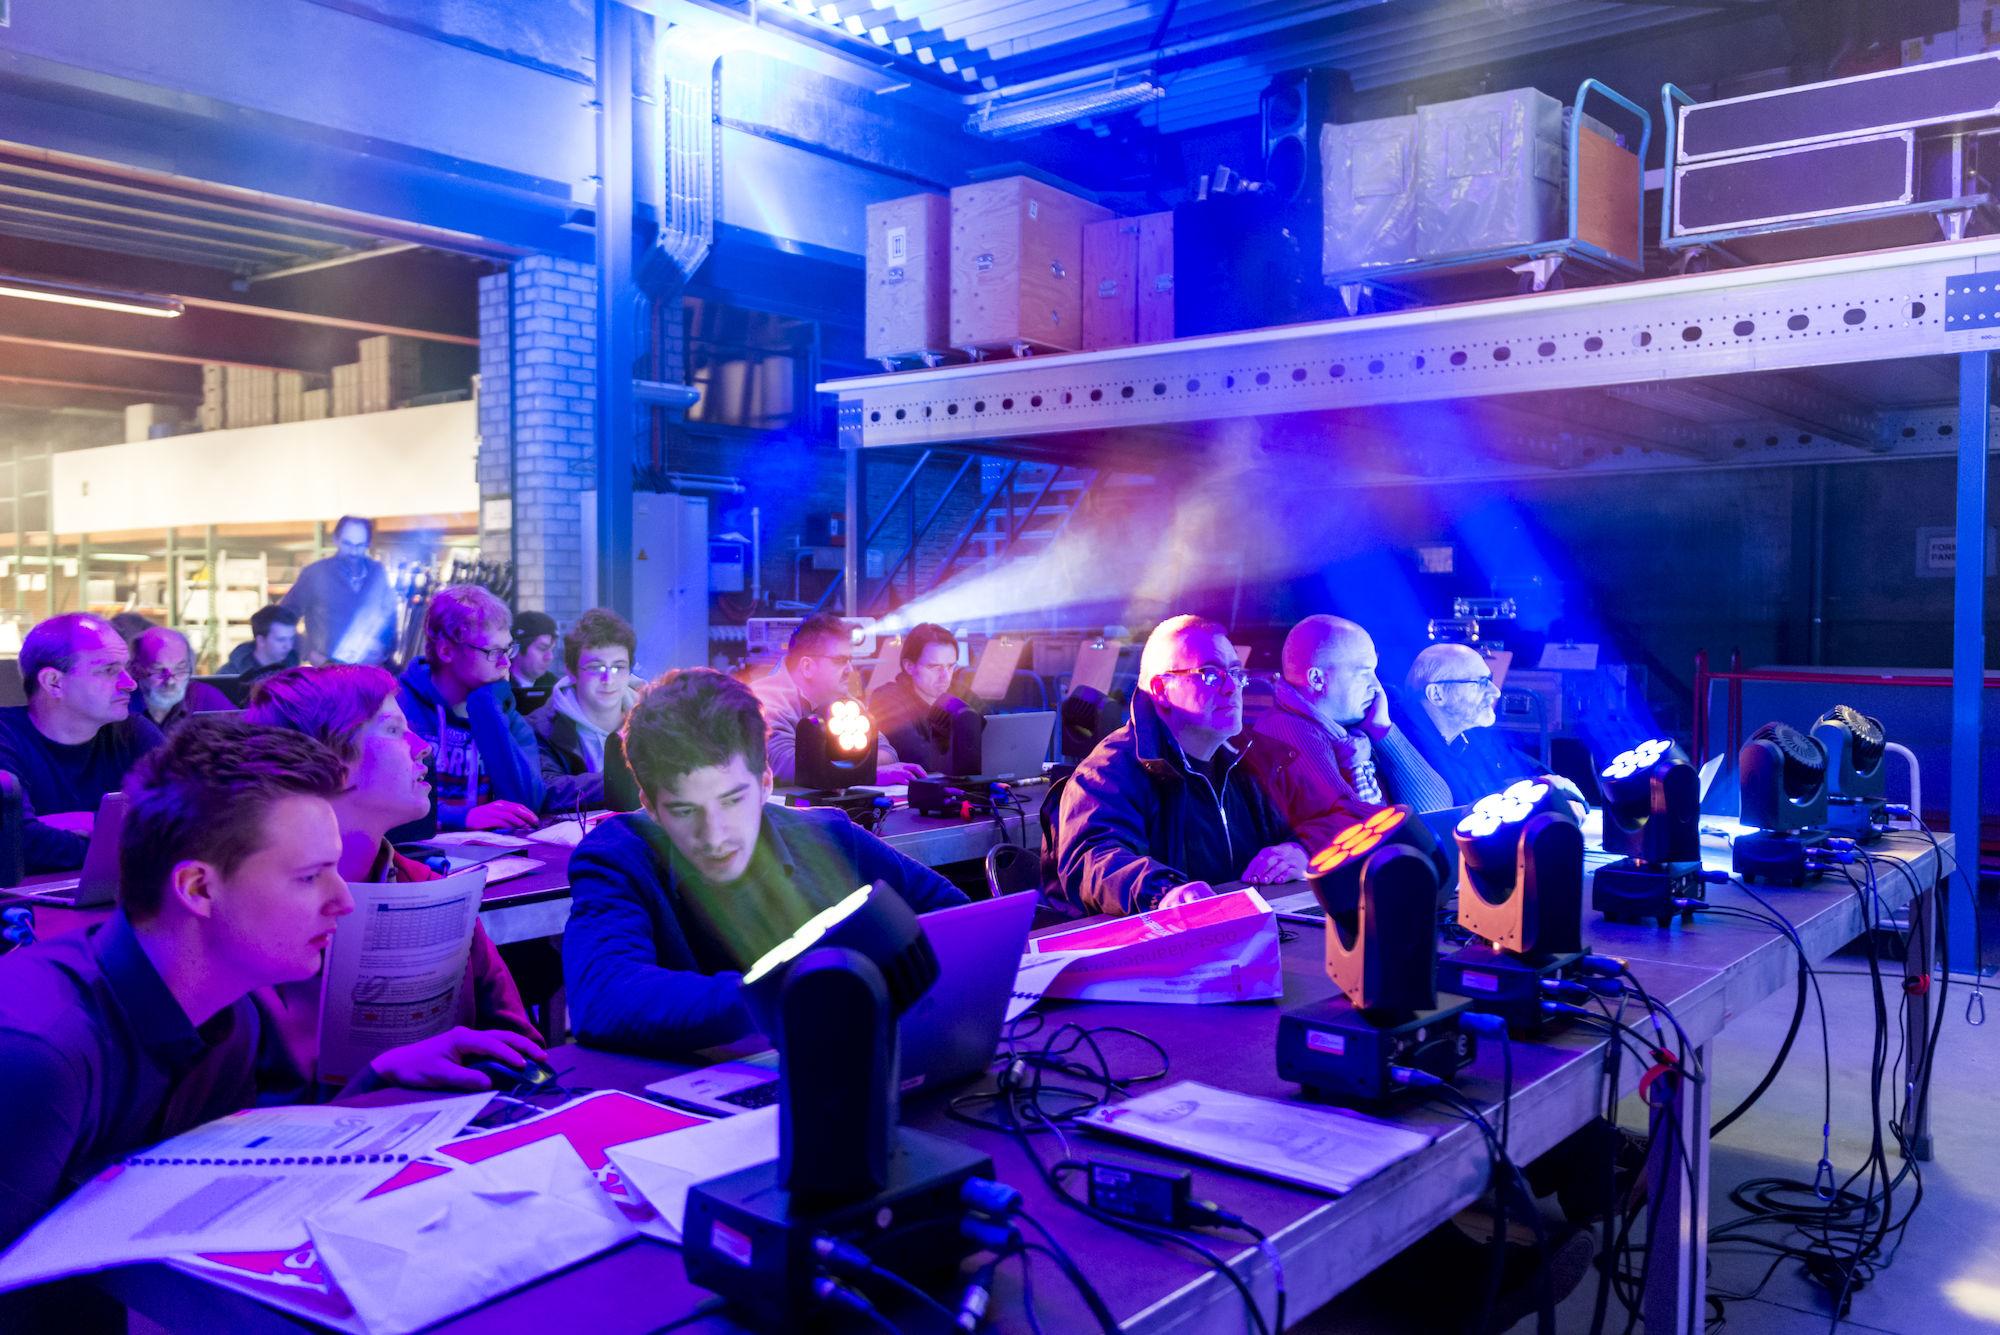 160225-uitleendienst-workshop-chamsys-33.jpg